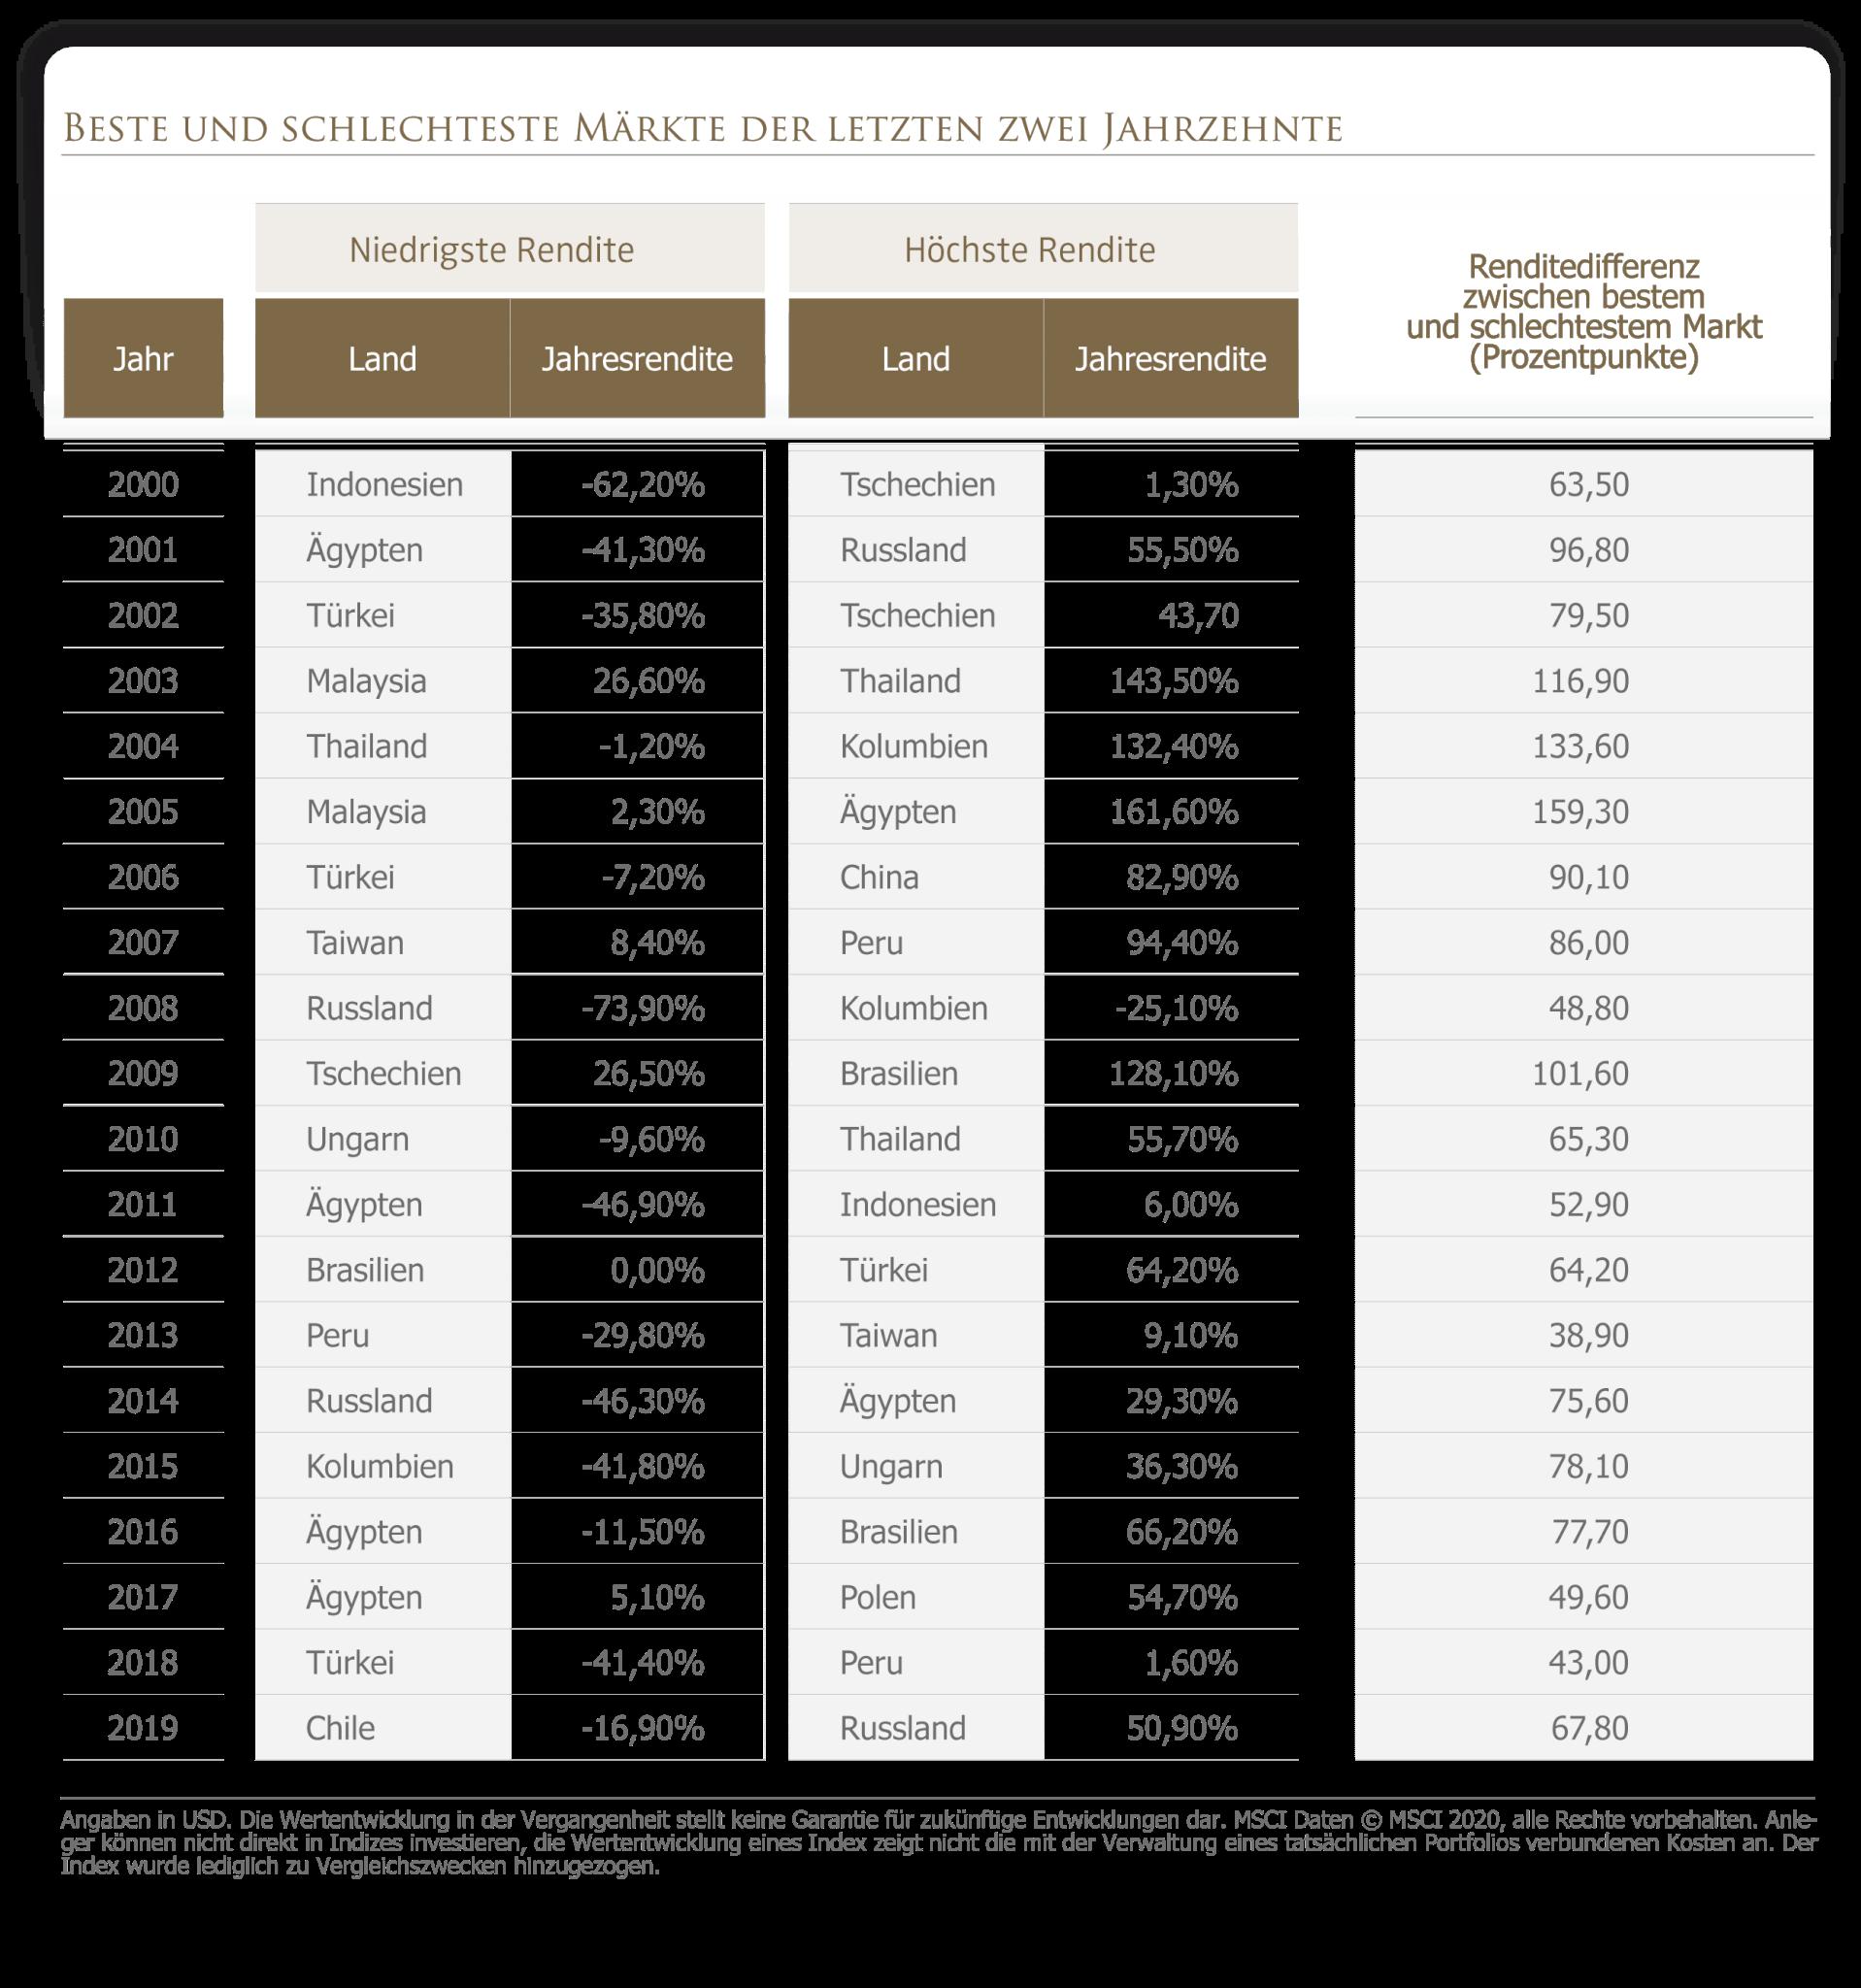 Beste und schlechteste Emerging Markets der letzten zwei Jahrzehnte